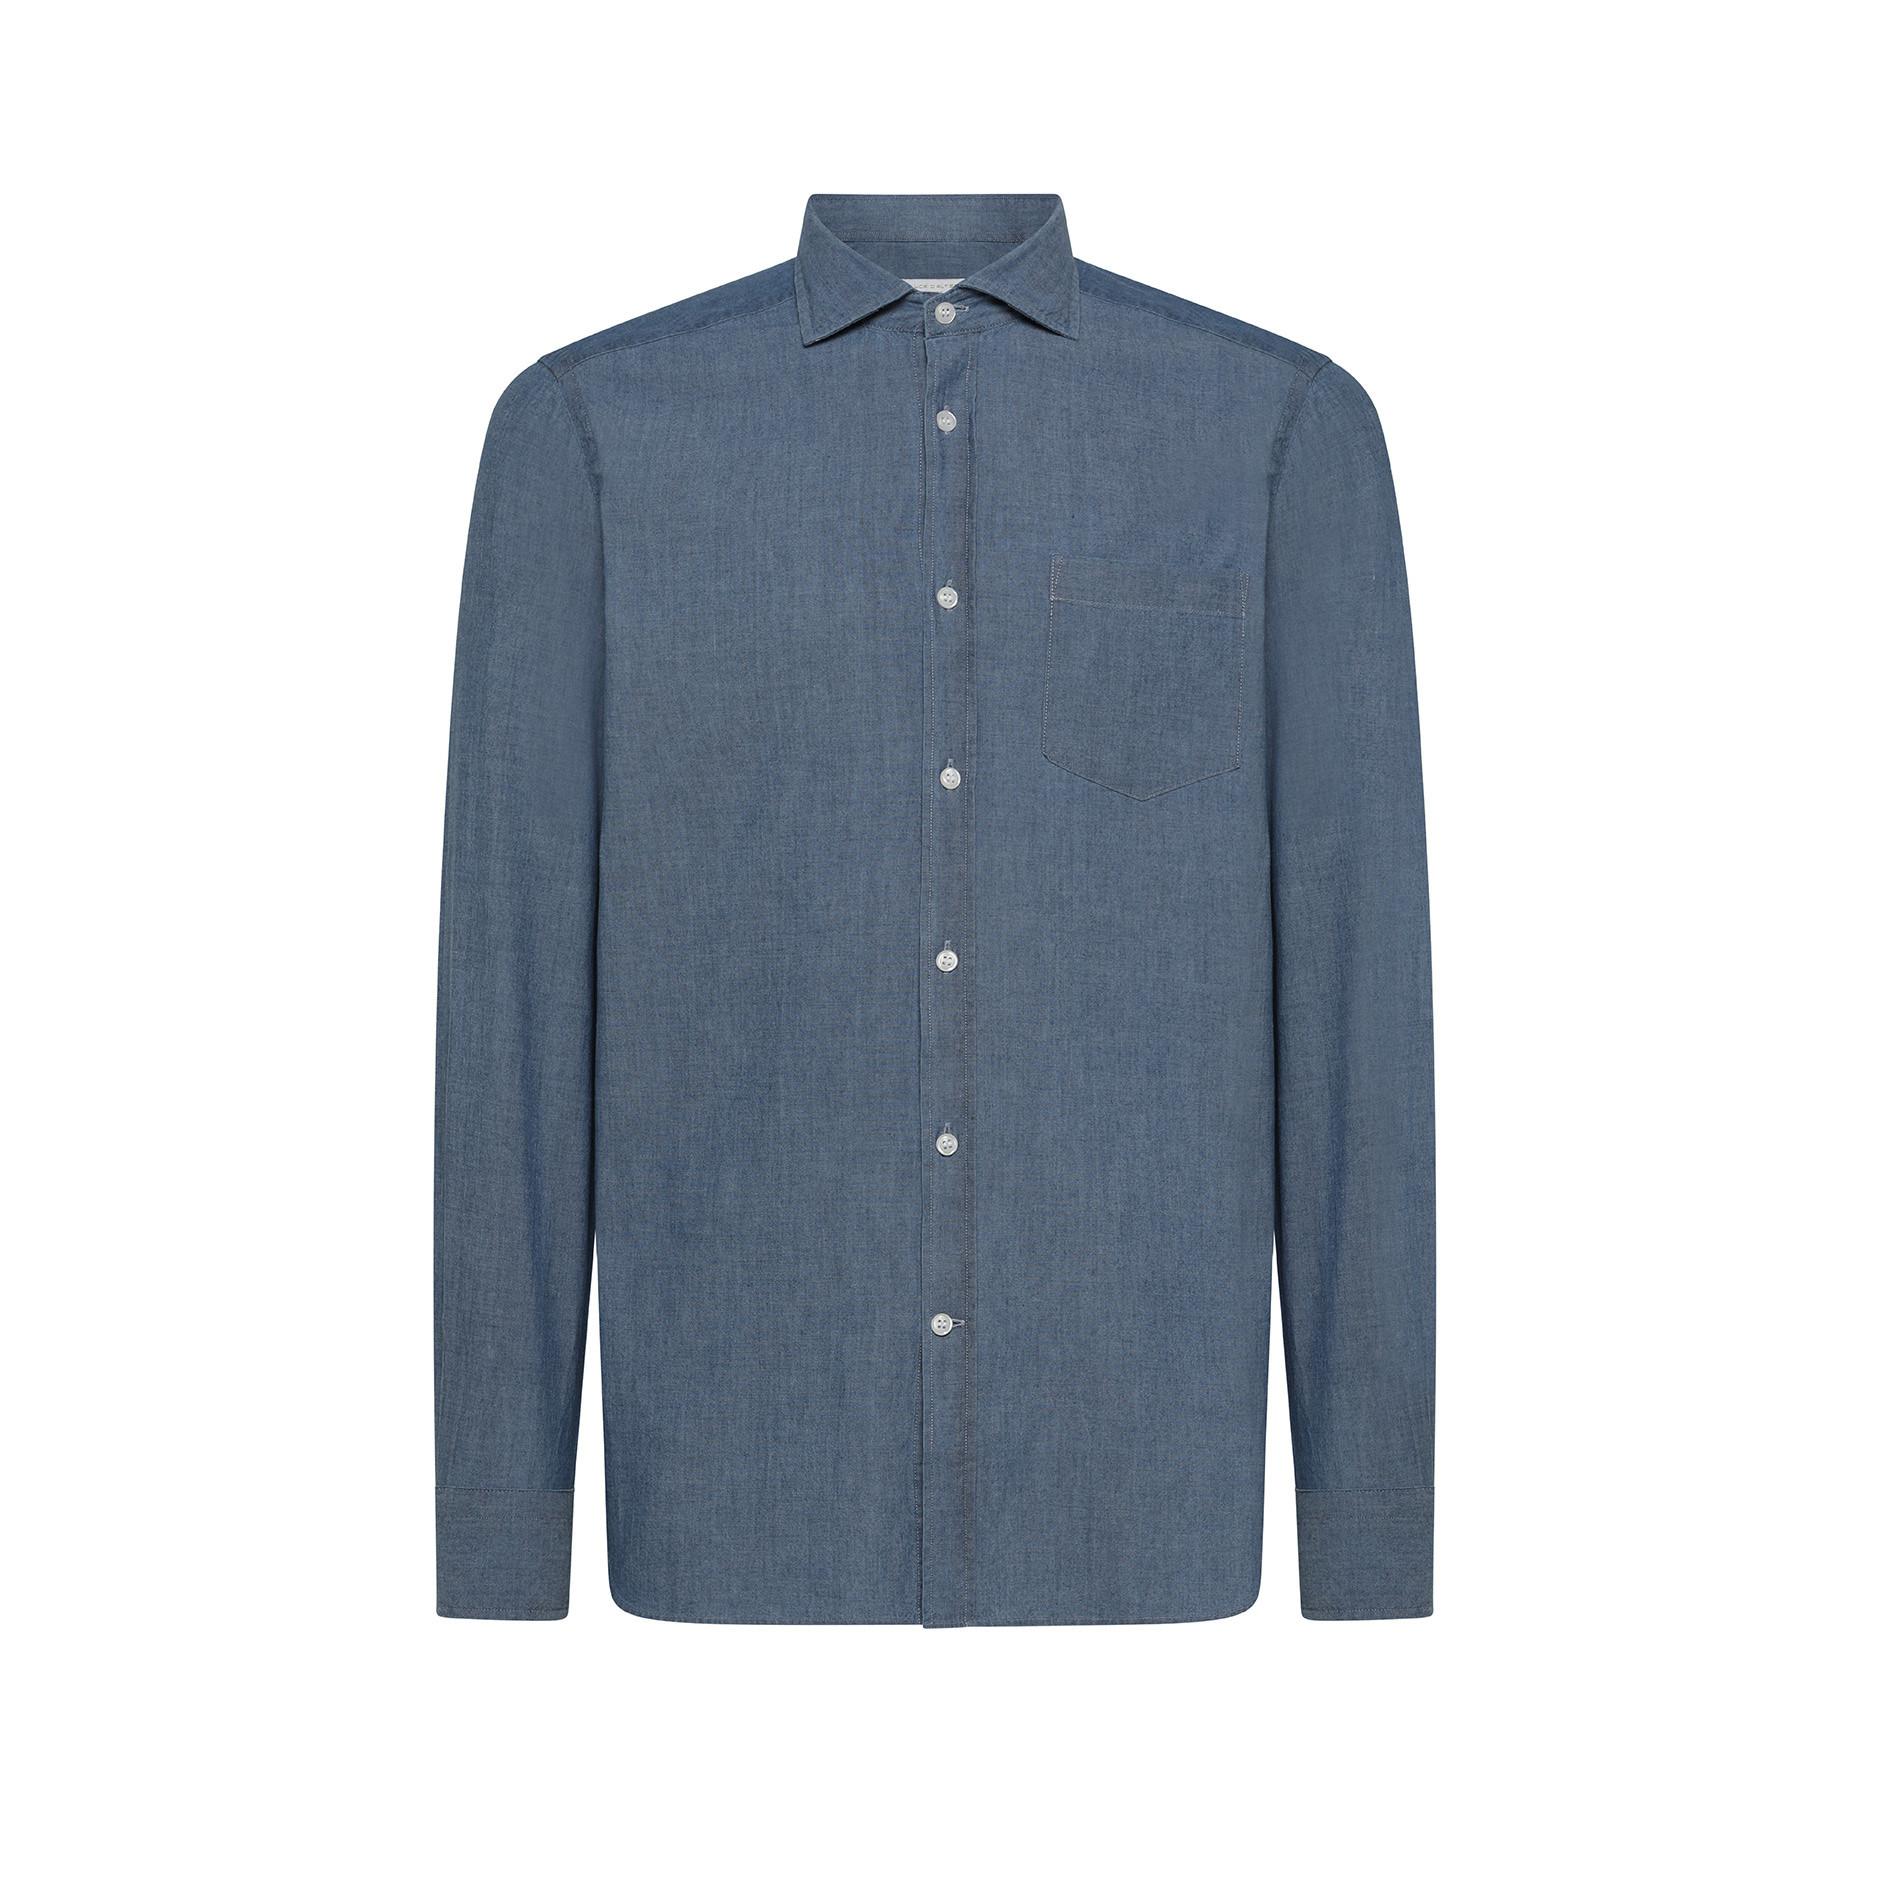 Camicia puro cotone slim fit Luca D'Altieri, Denim, large image number 0